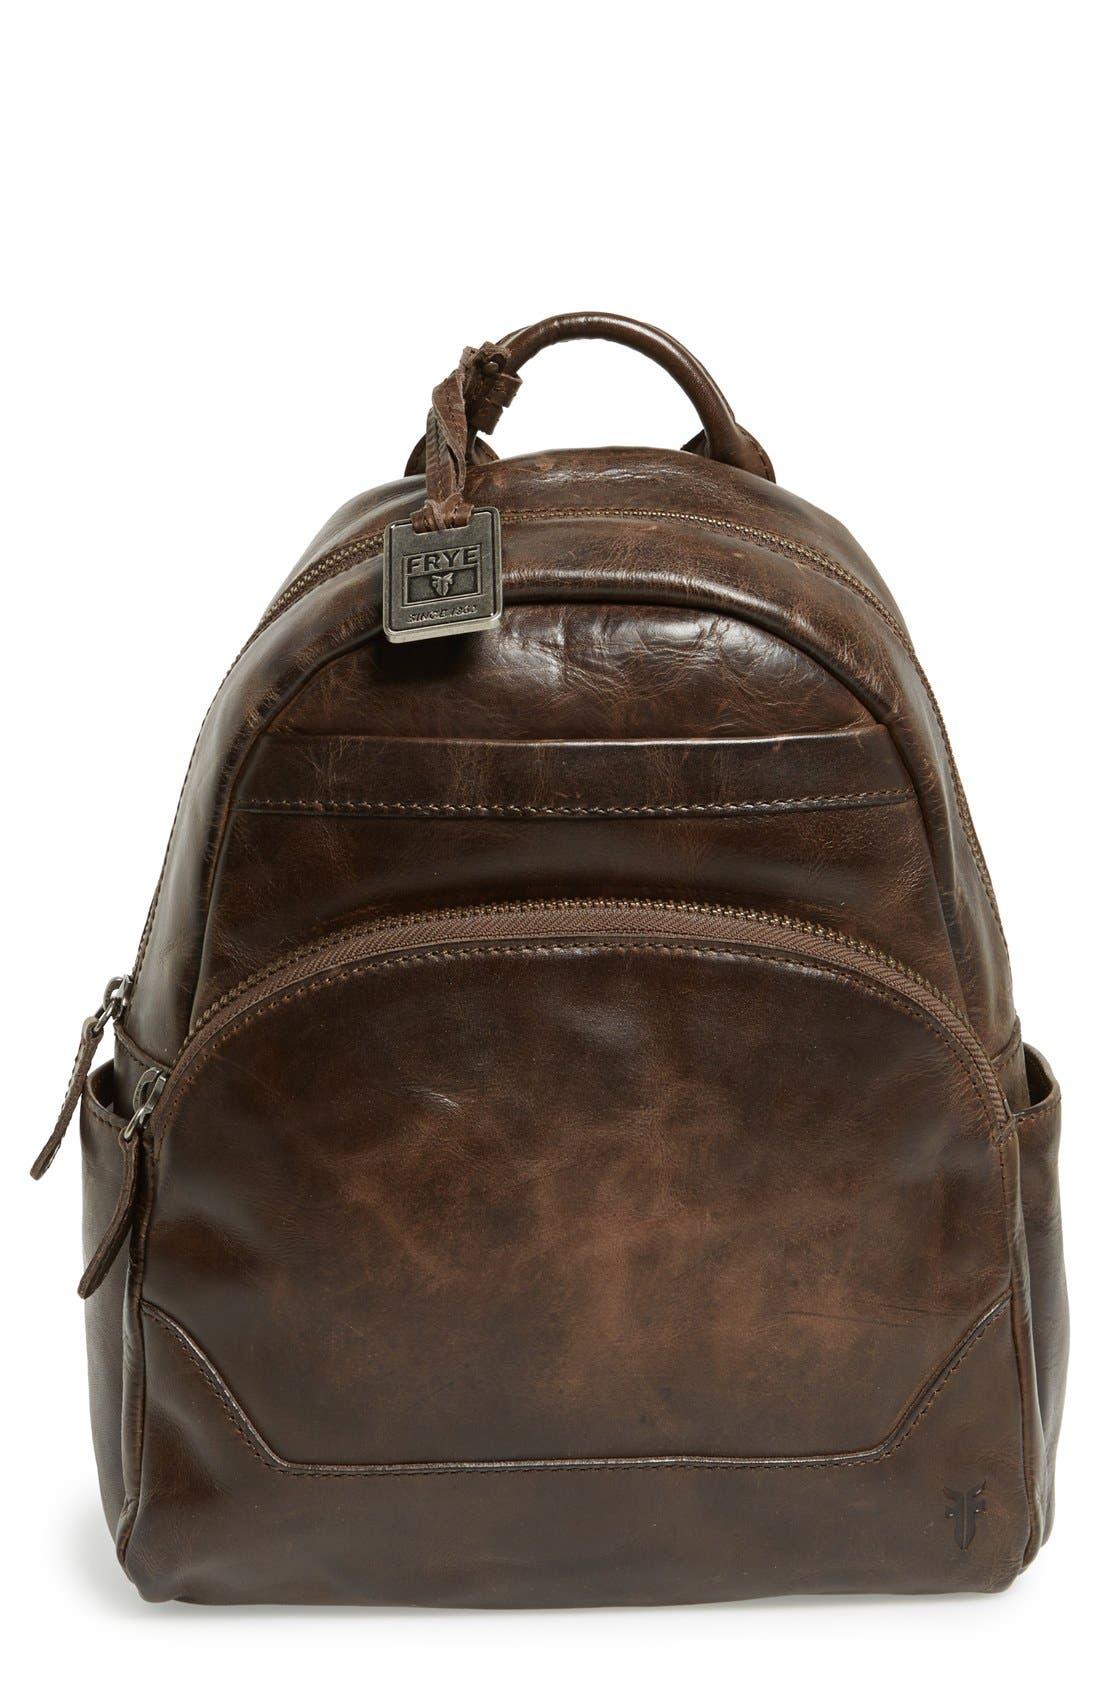 FRYE 'Melissa' Backpack, Main, color, 020